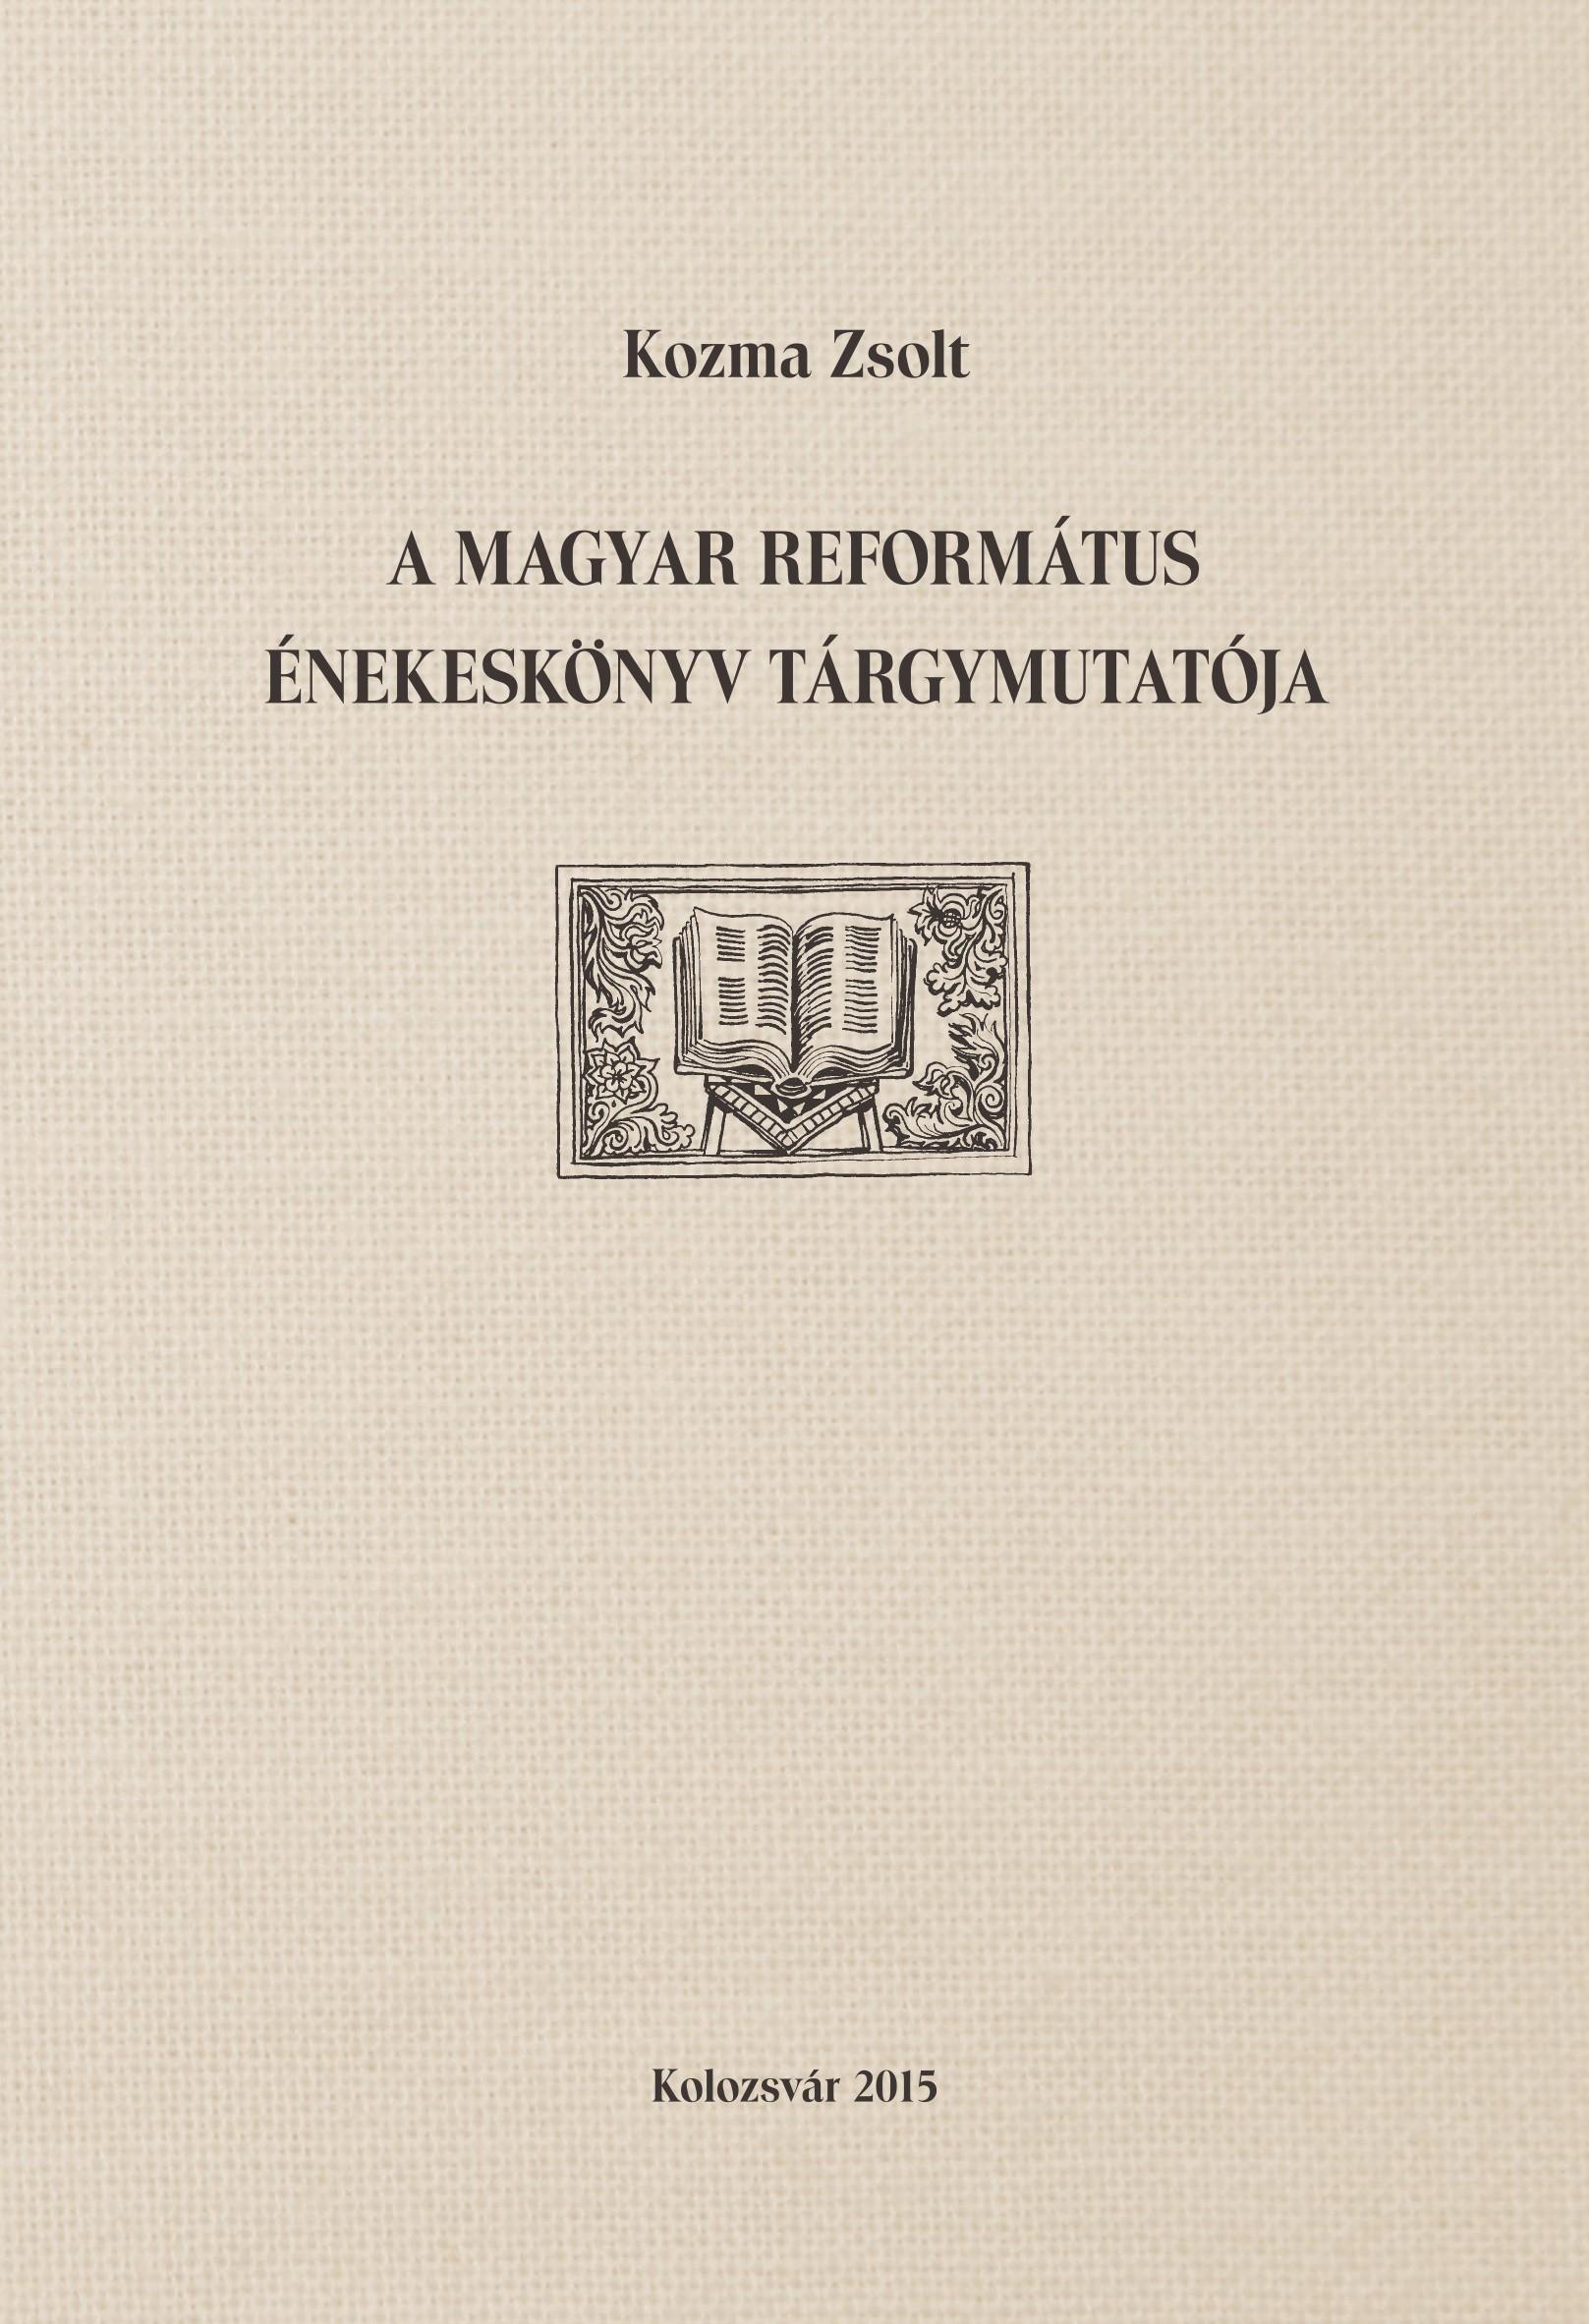 A Magyar Református Énekeskönyv tárgymutatója